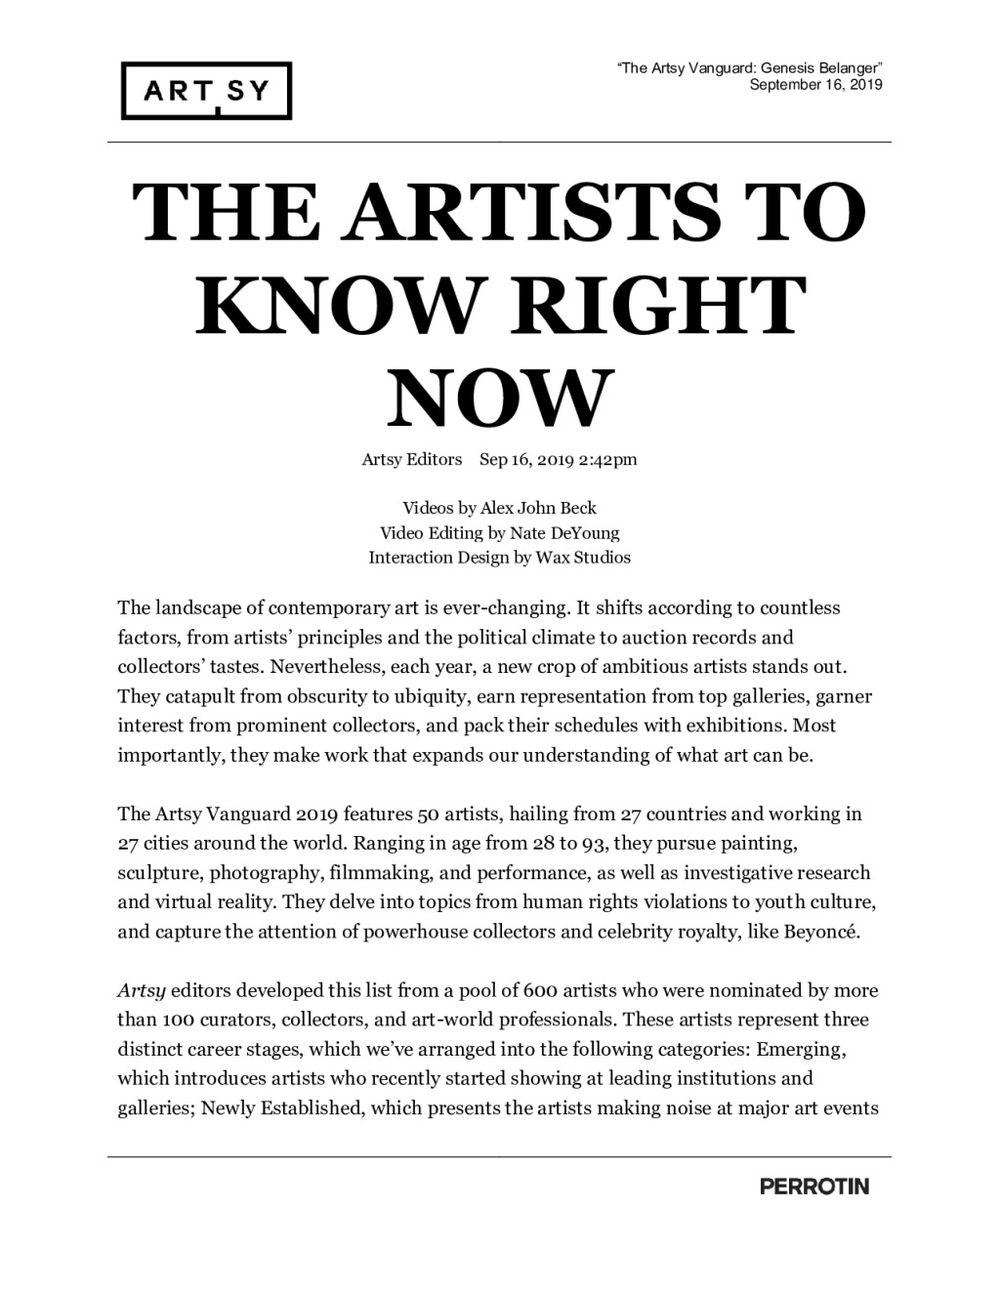 Artsy | Genesis BELANGER